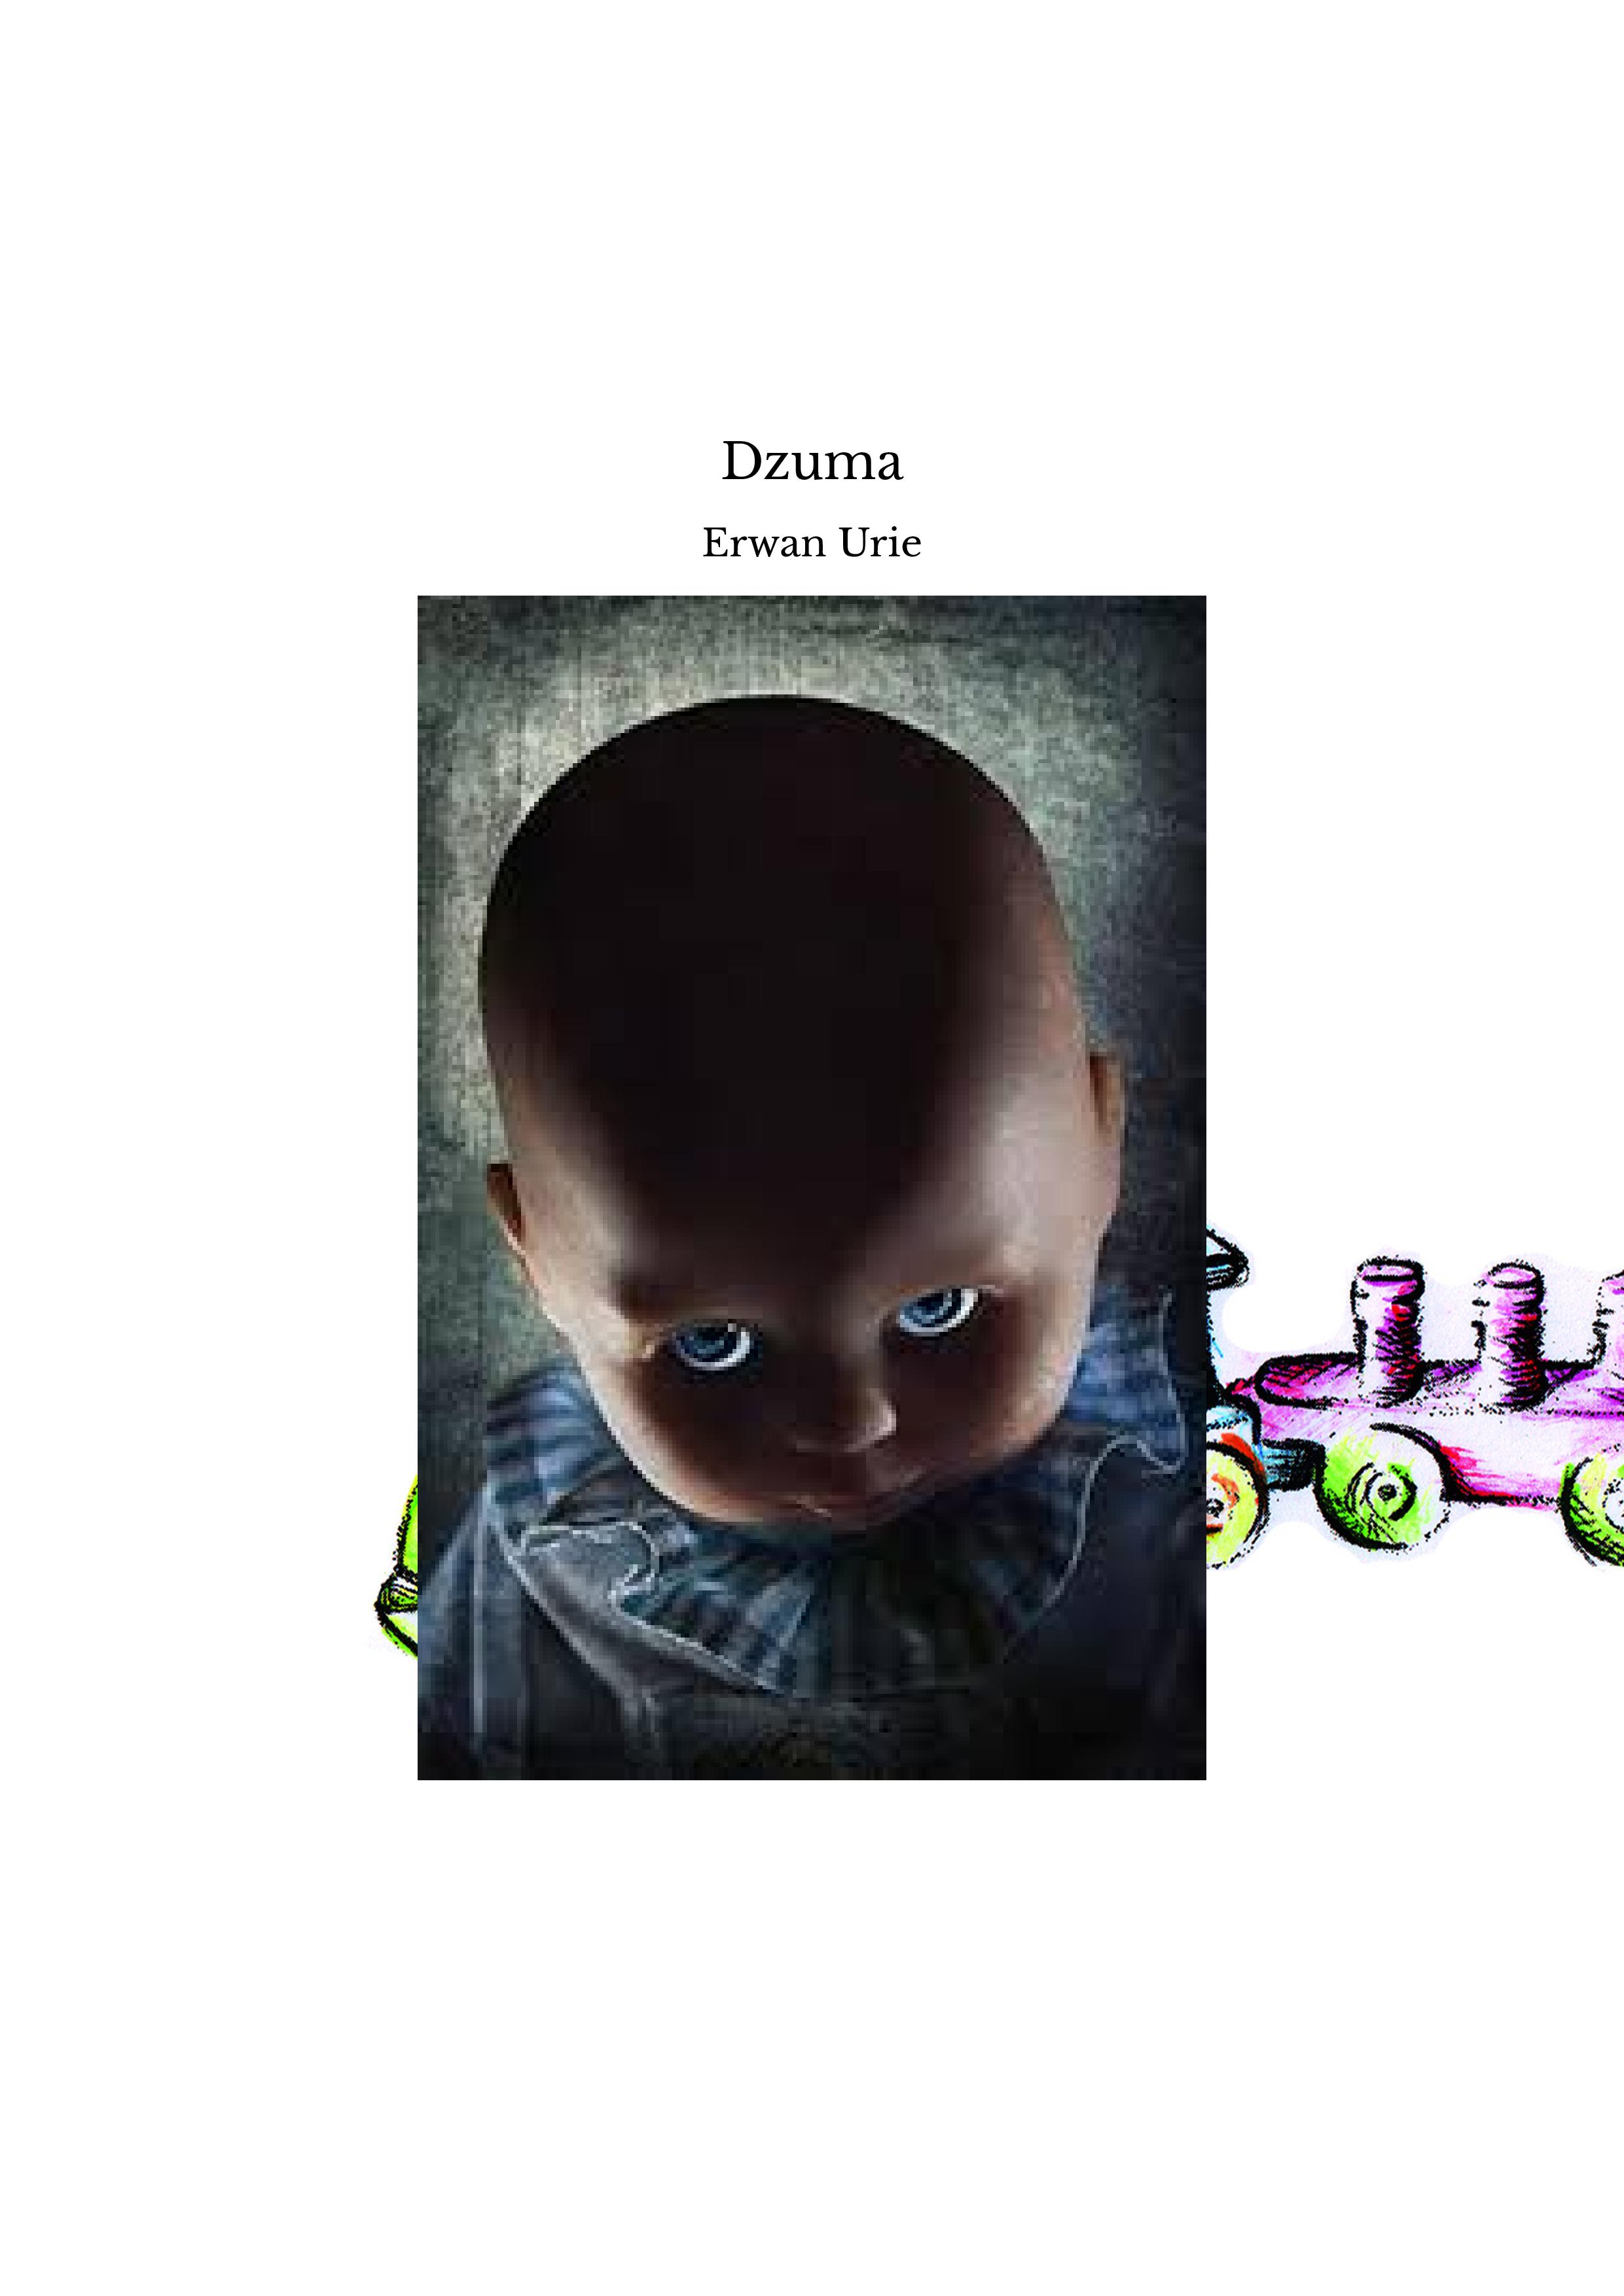 Dzuma